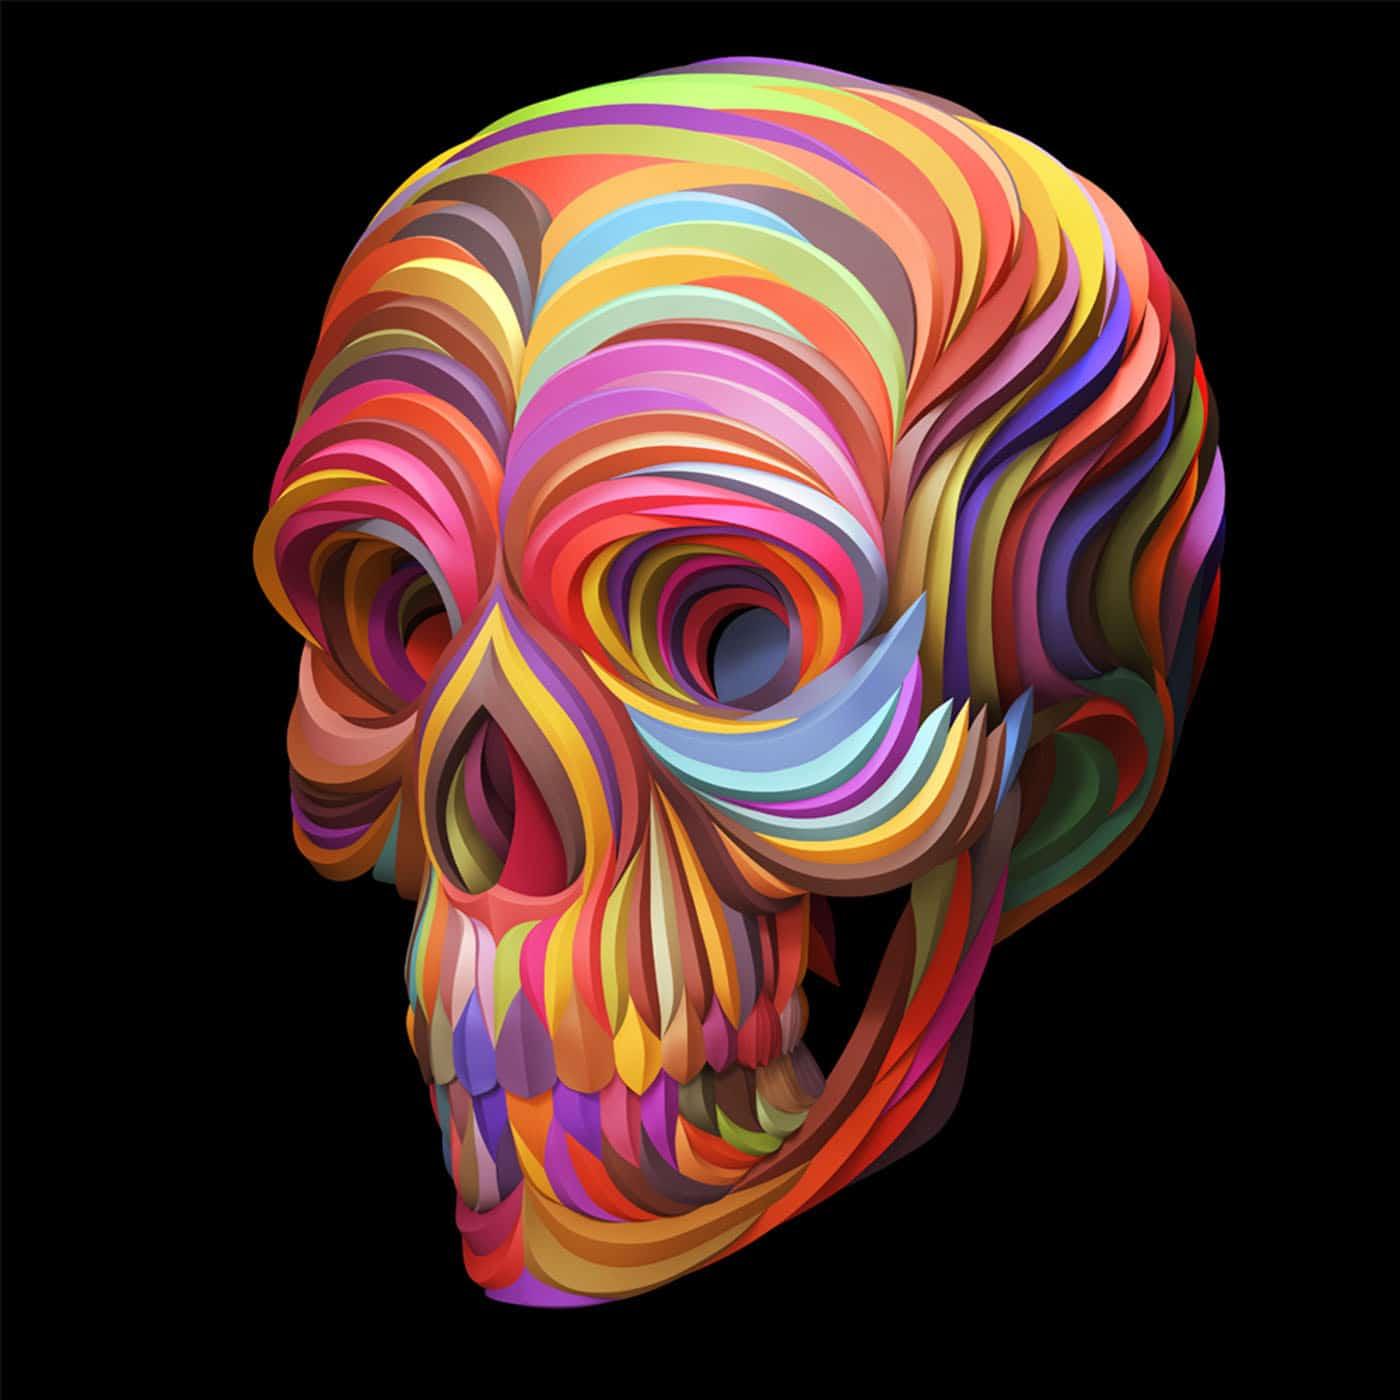 Изображение: 3D Art  Автор: Maxim Shkret